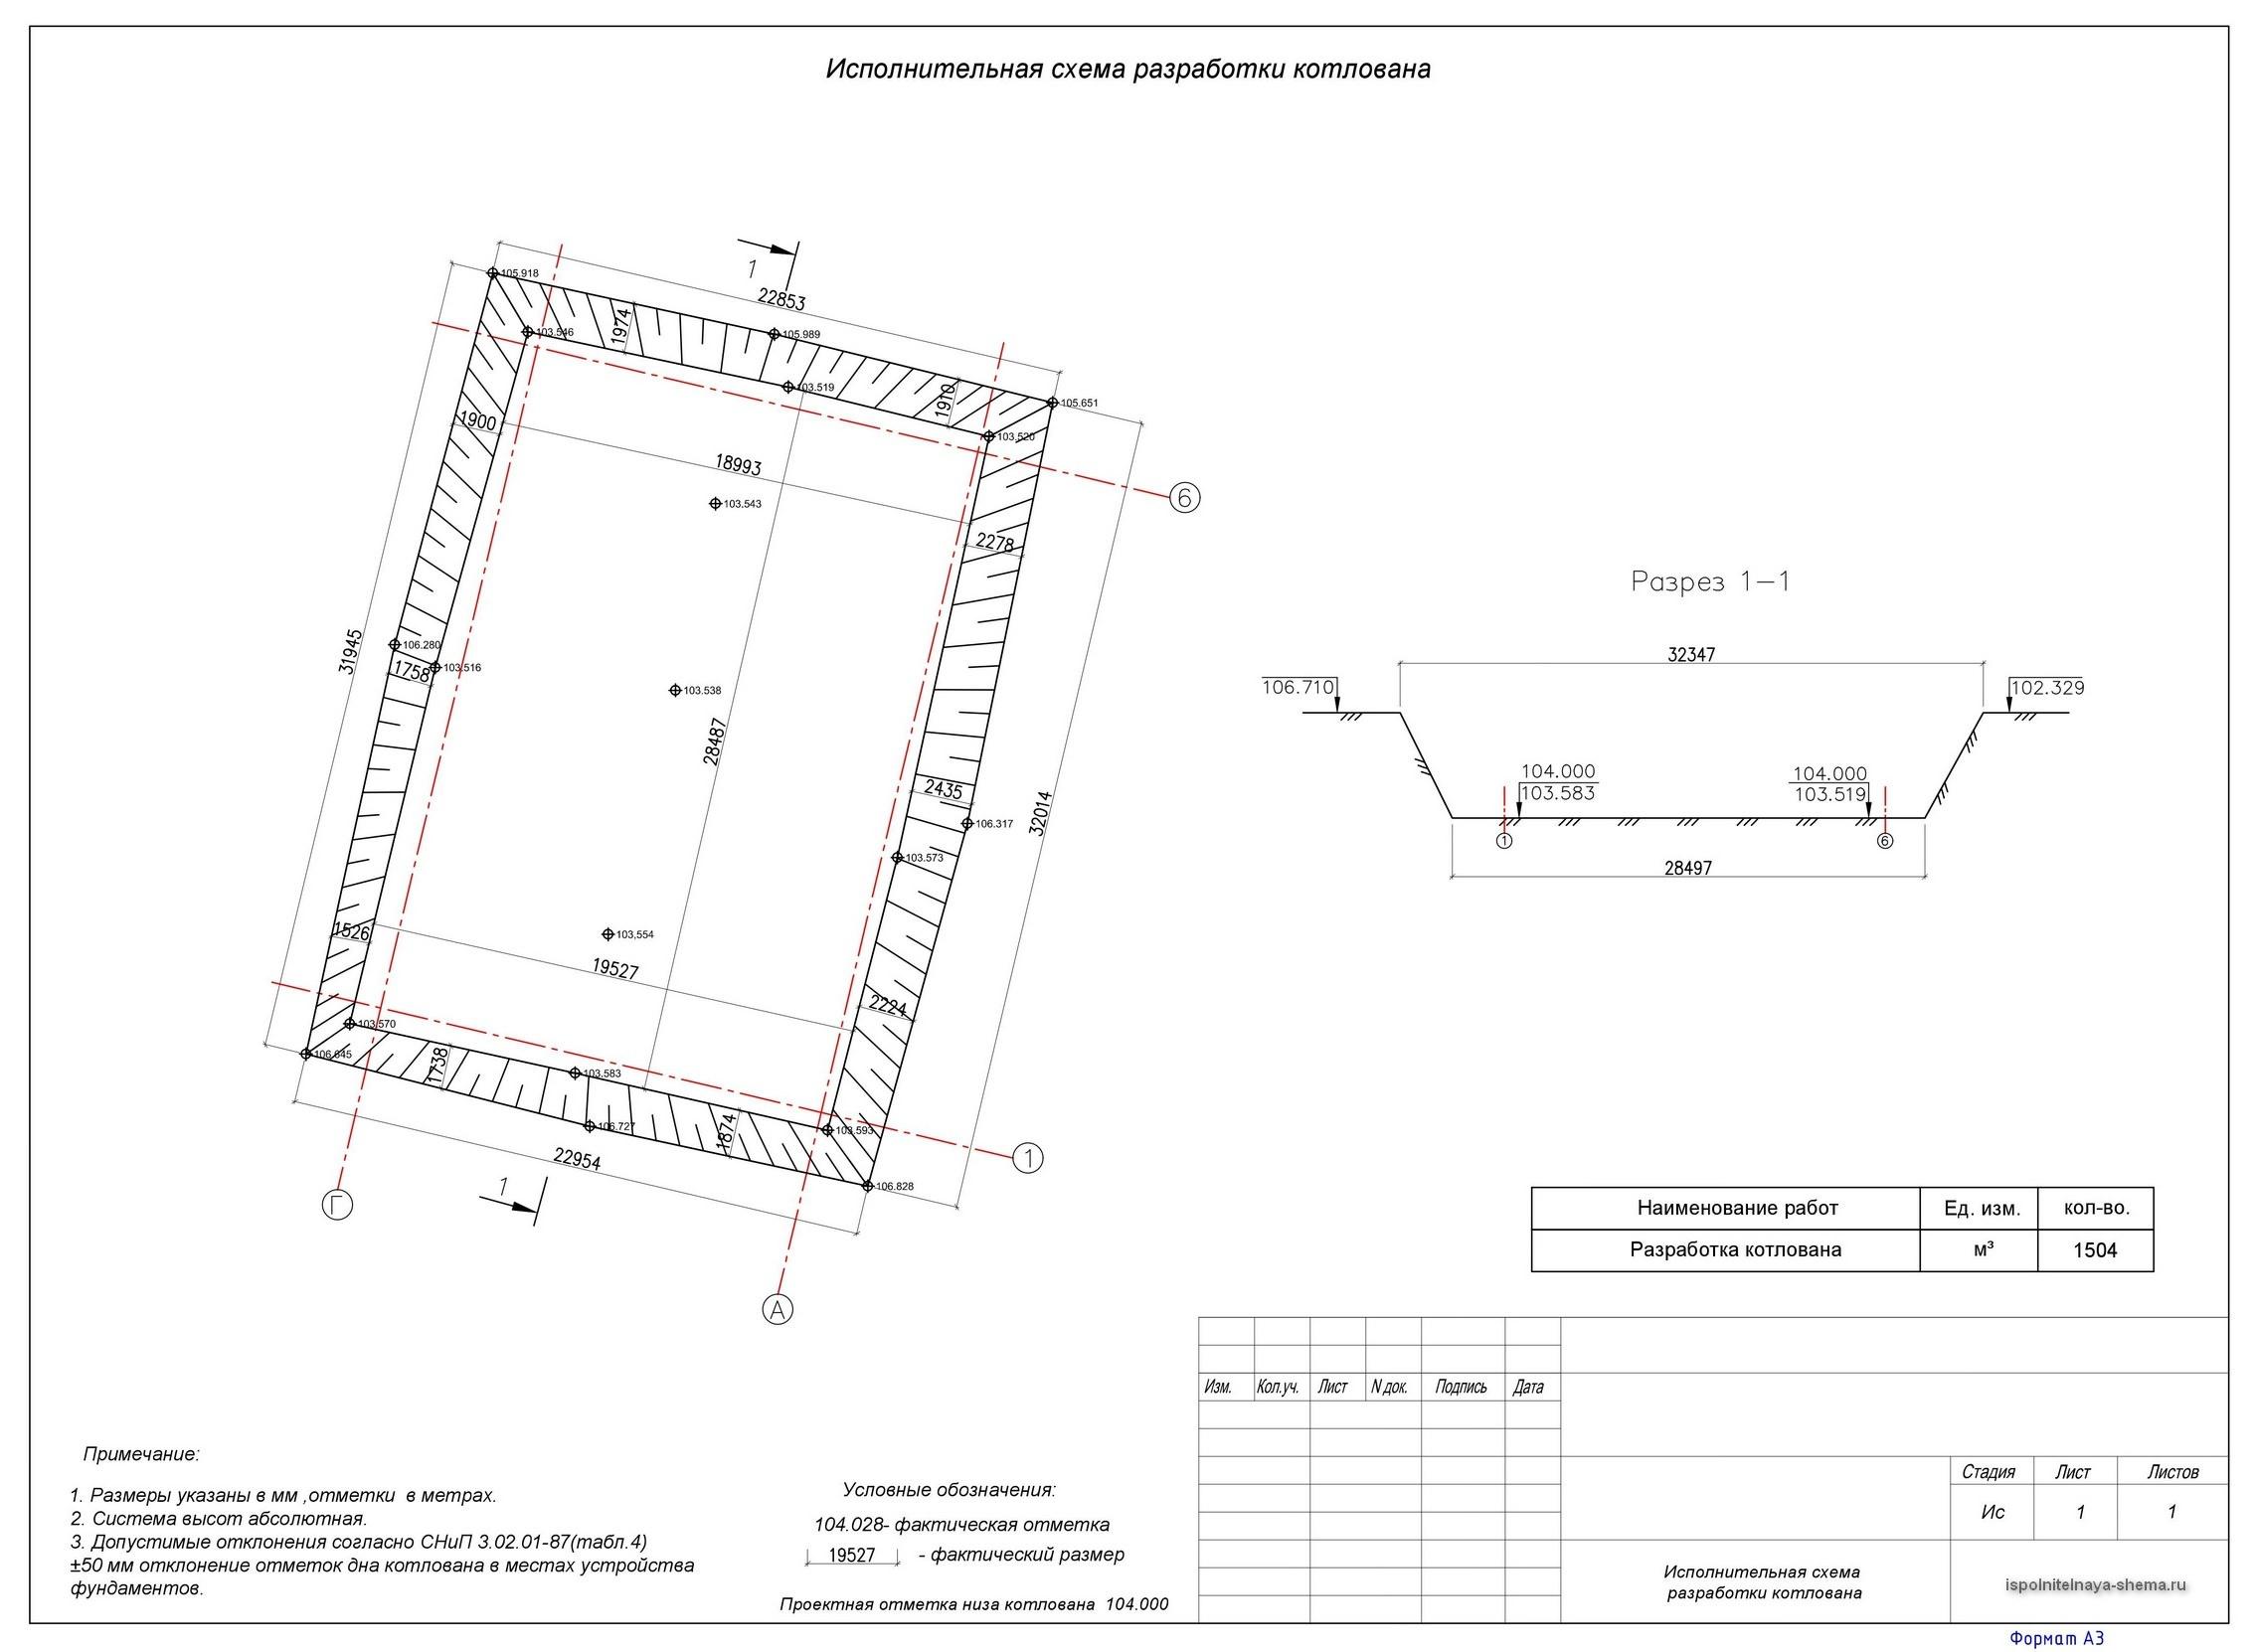 Пример исполнительной схемы на разработку котлована